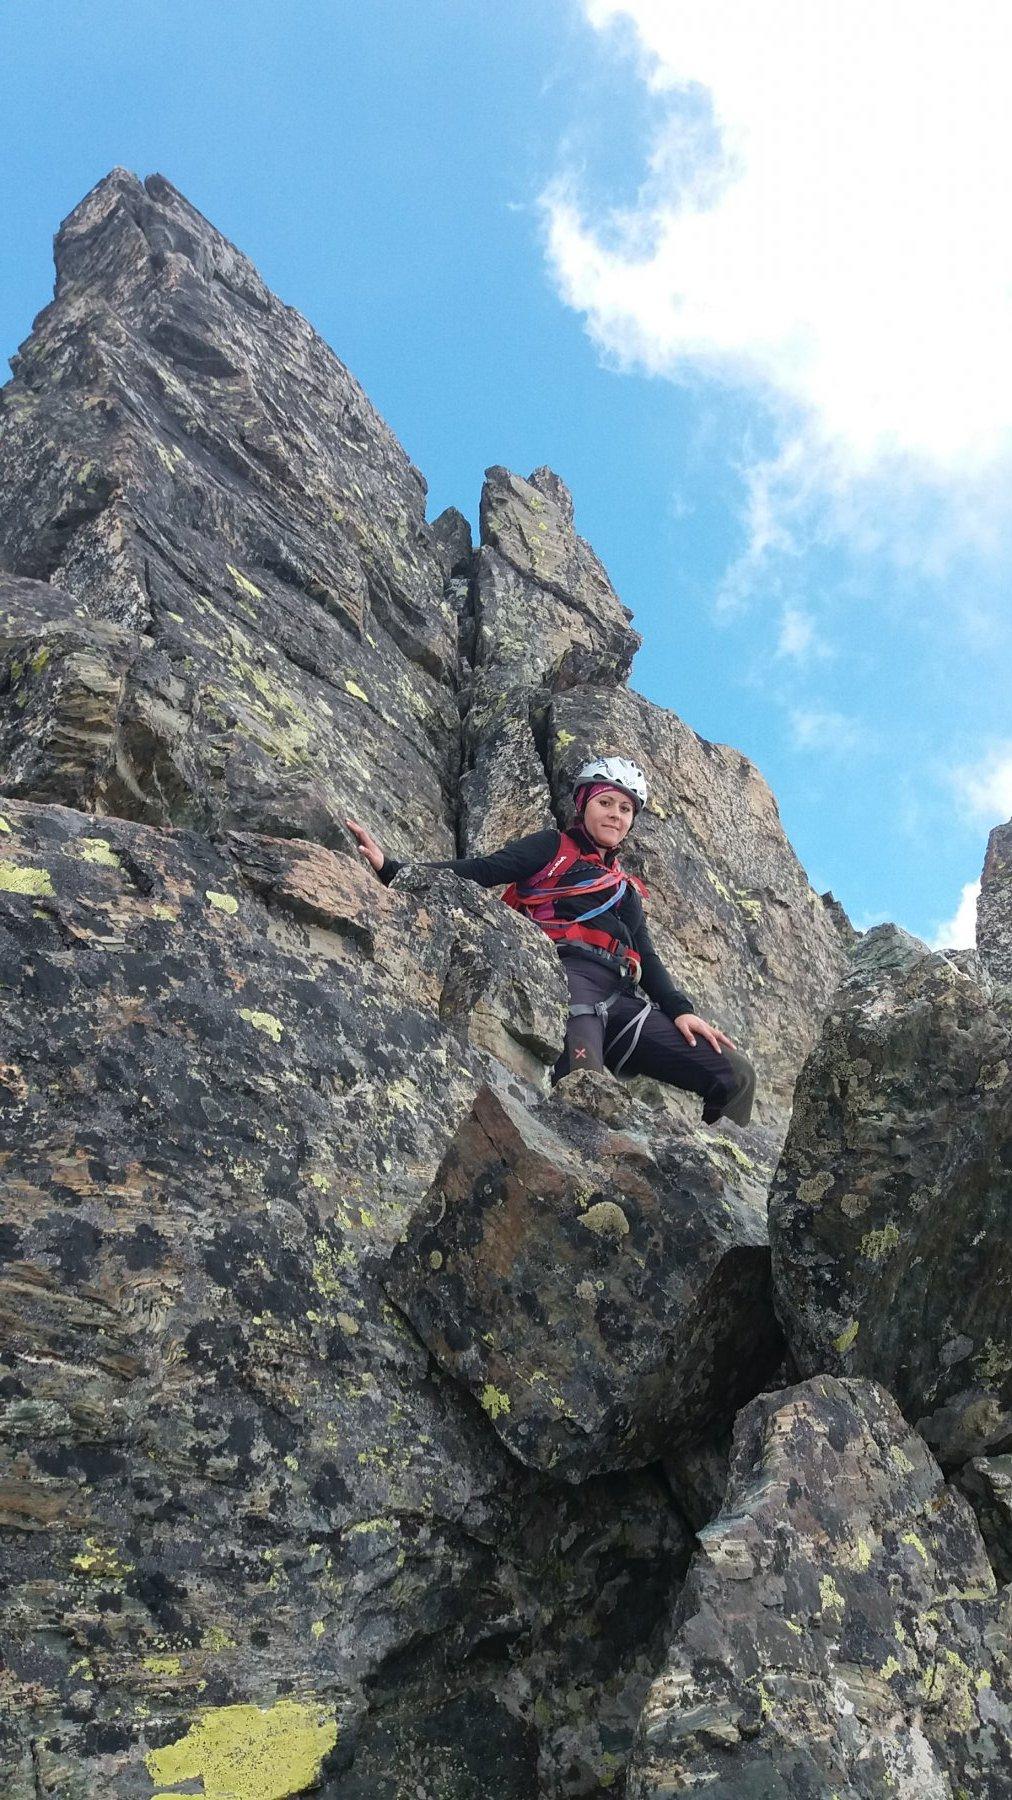 Tratti di facile e divertente arrampicata